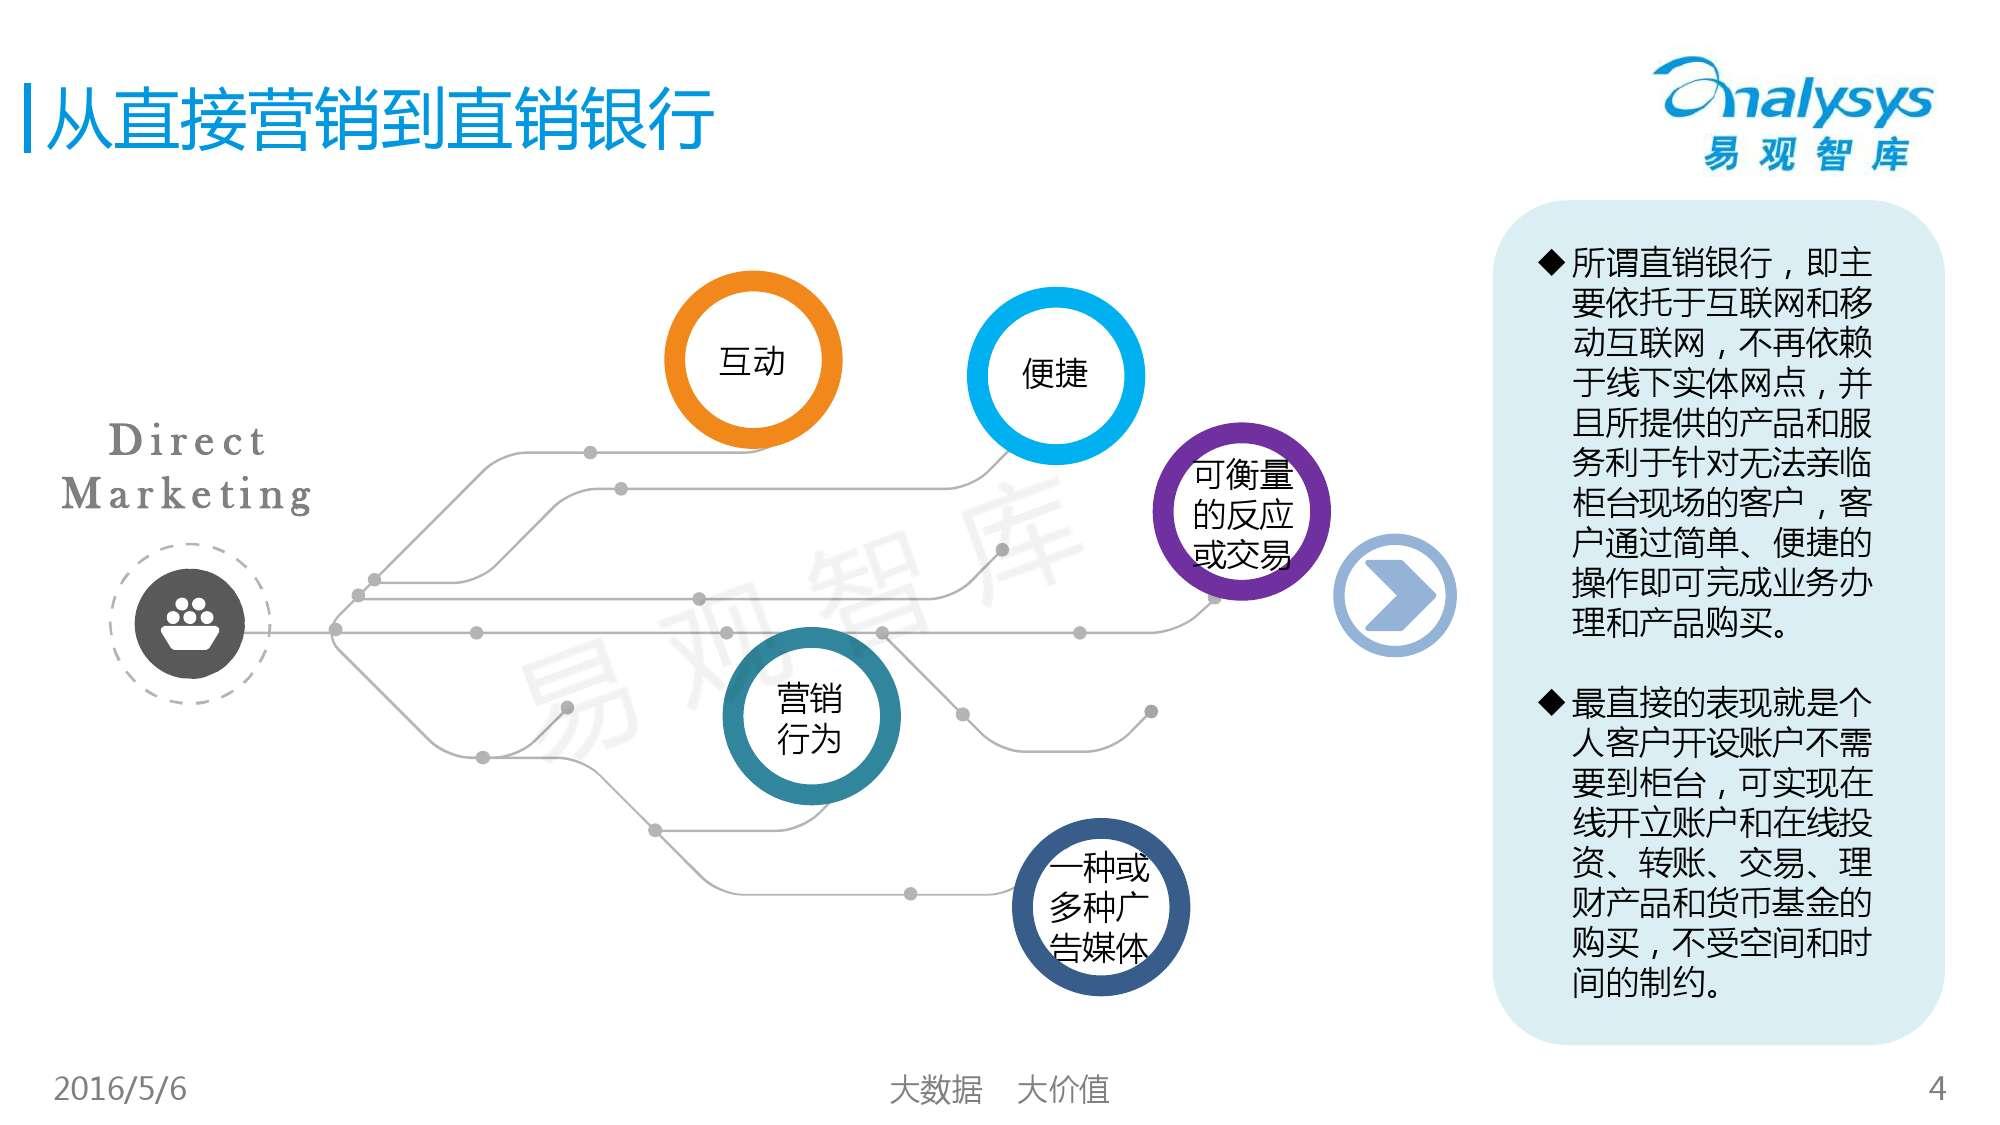 2016年中国直销银行市场专题研究报告_000004